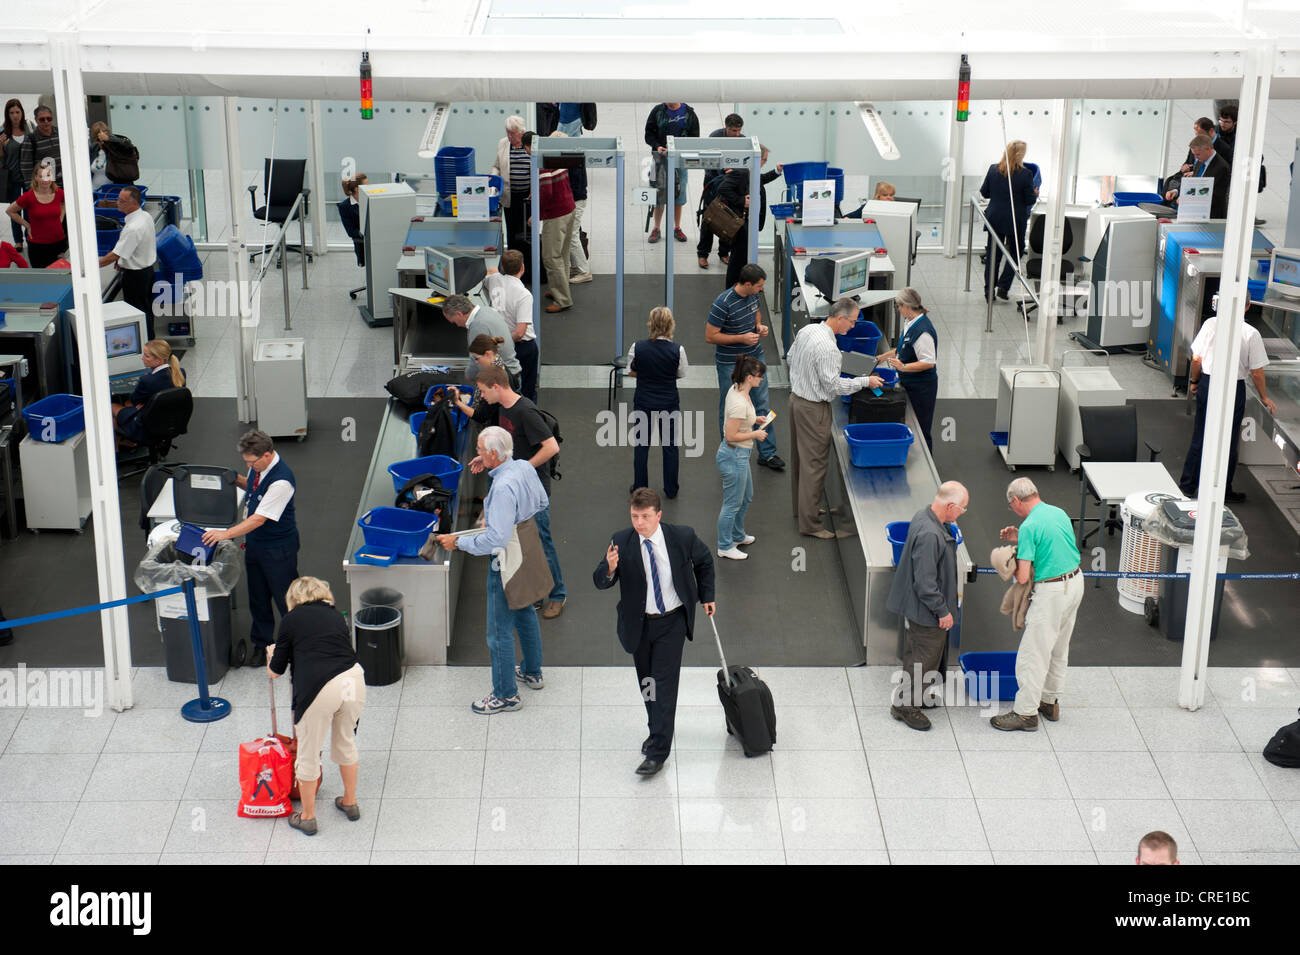 Sicherheitskontrolle, Personenkontrolle, Röntgengeräte, air Traffic, Flughafen München, Upper Bavaria, Stockbild